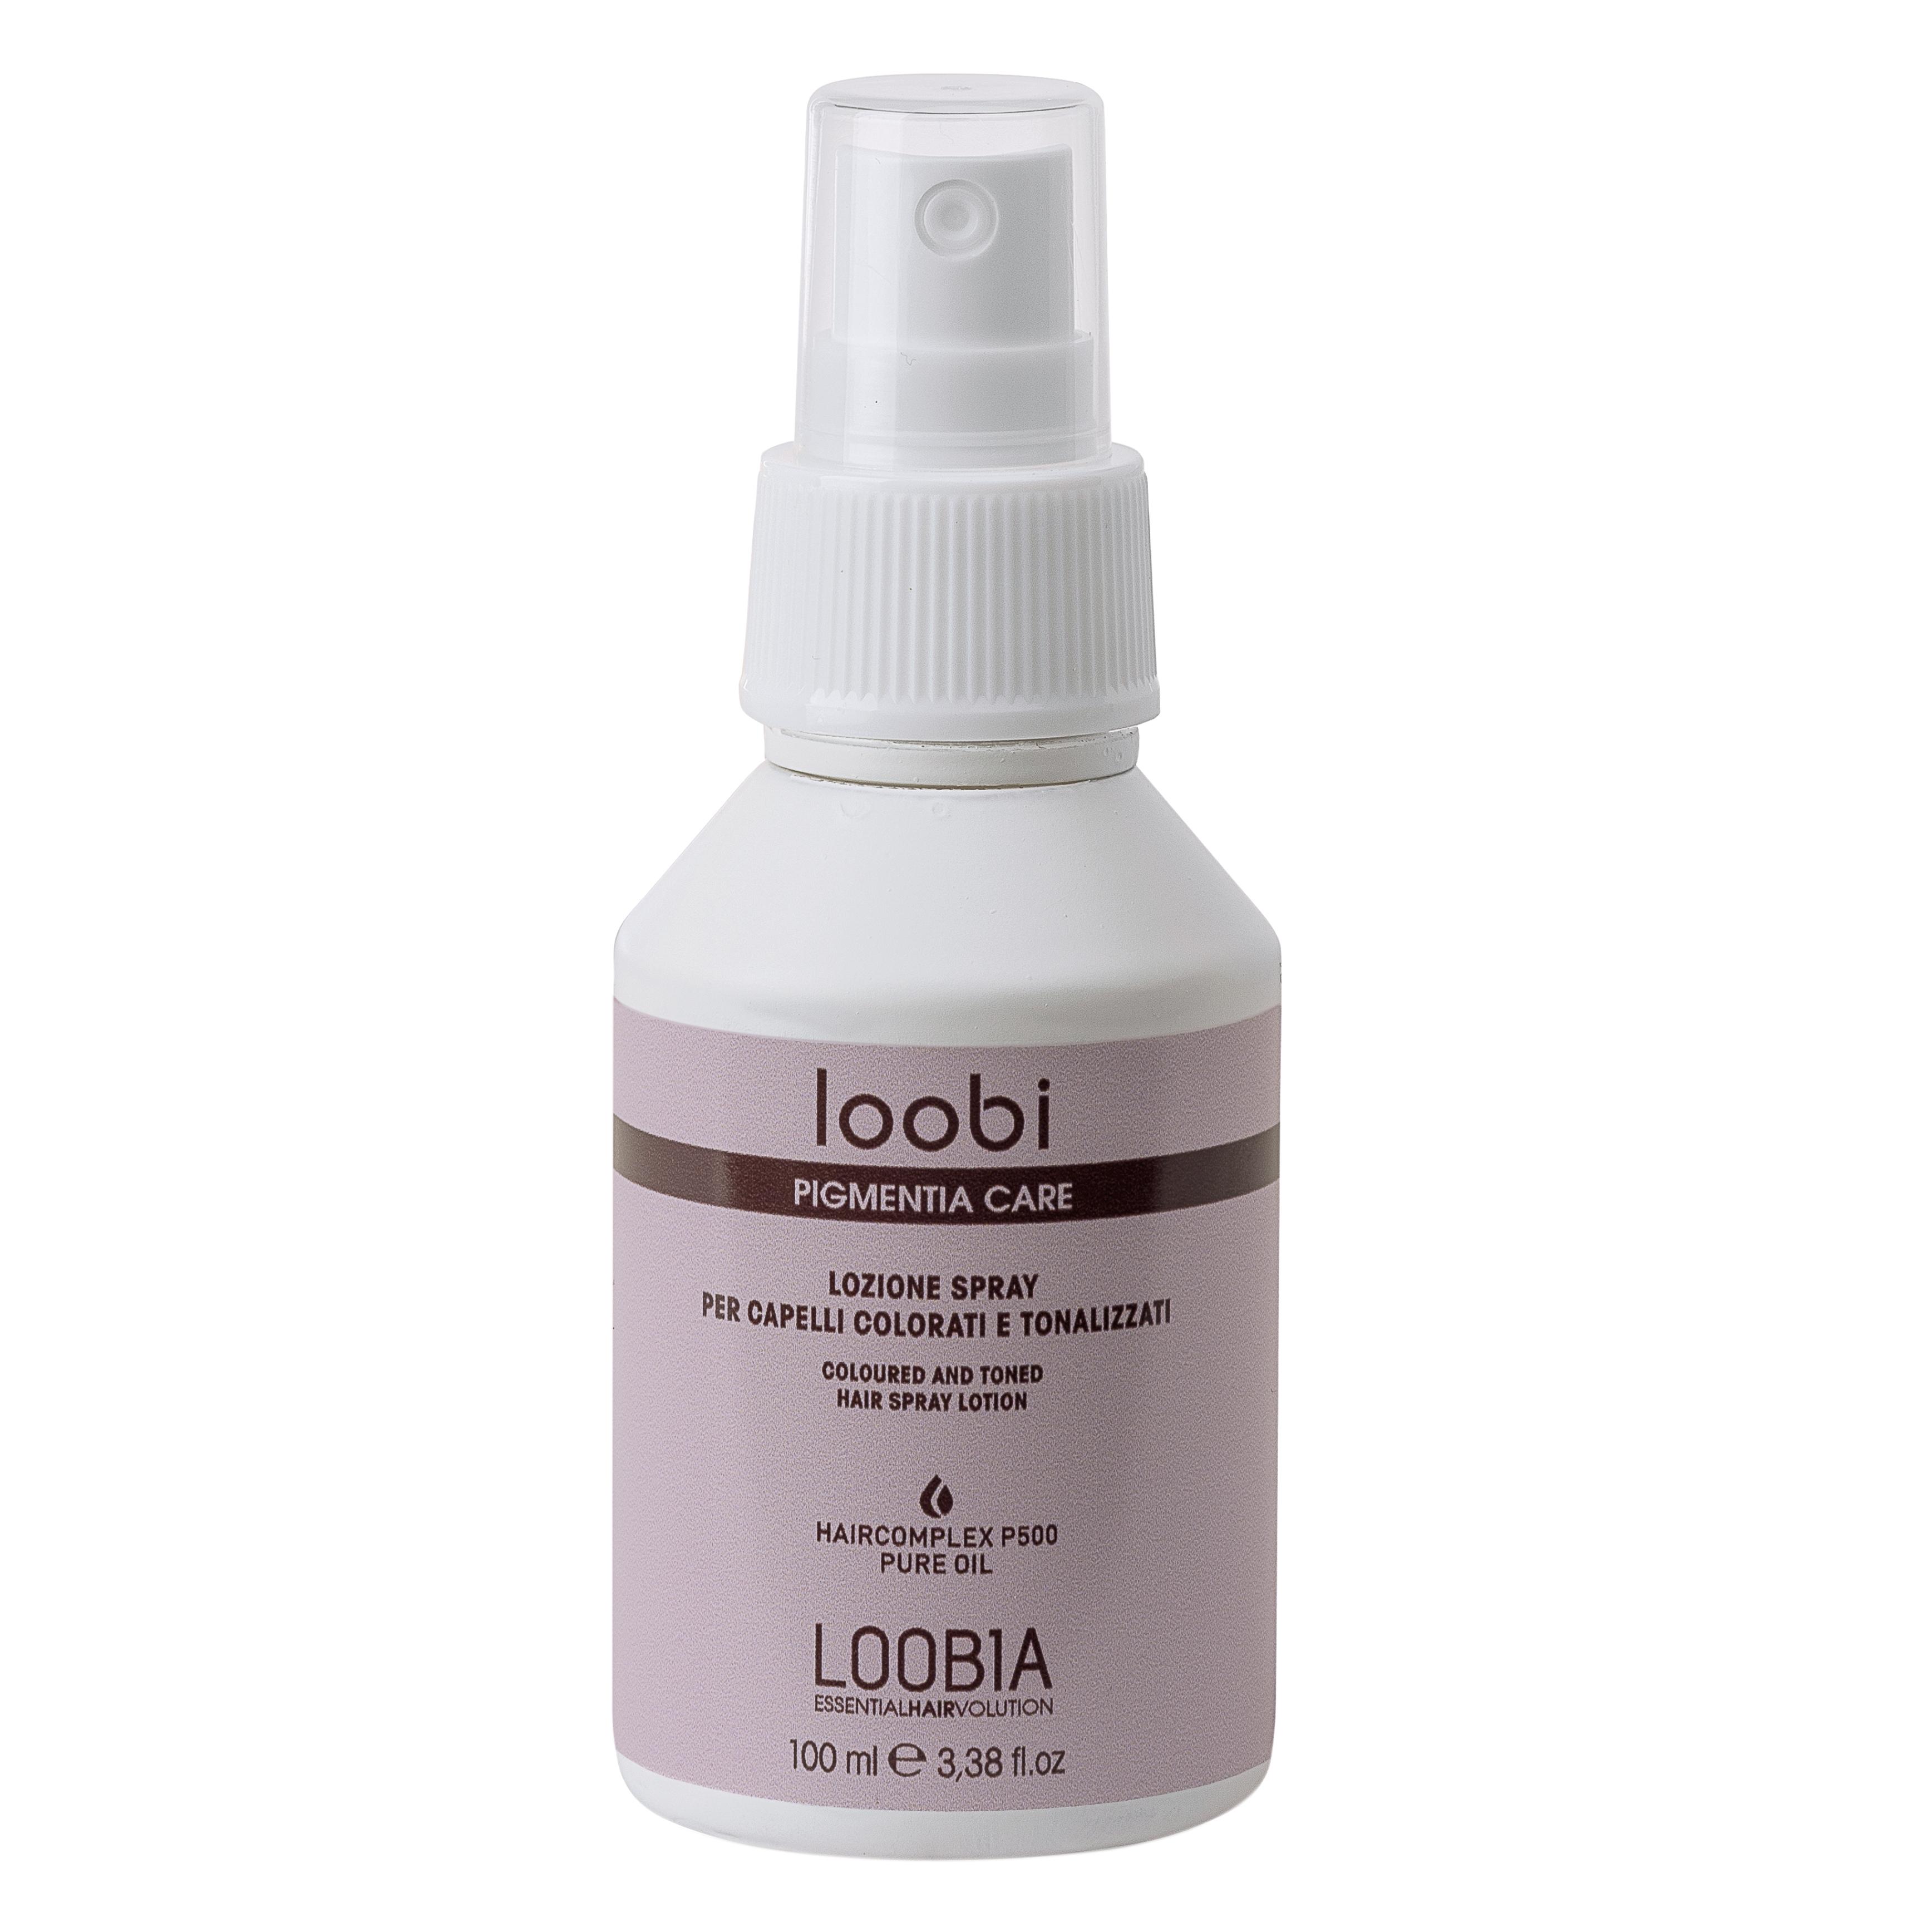 Lozione Spray Pigmentia Treatment 100 ml